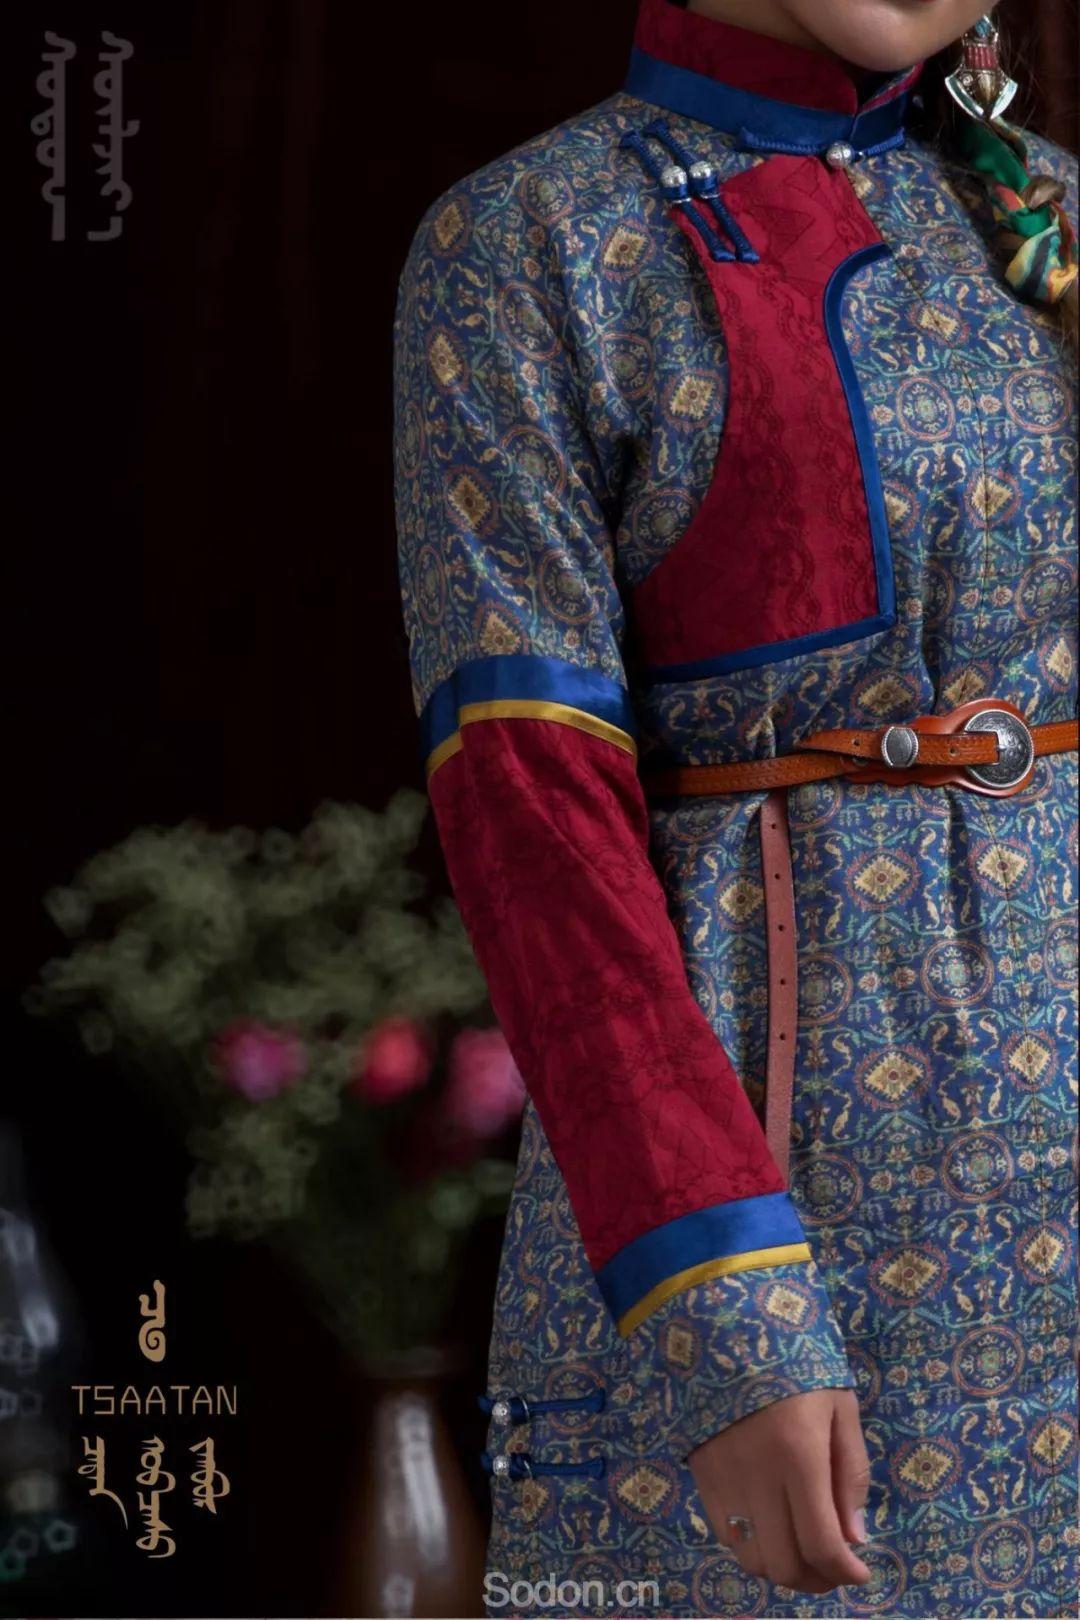 TSAATAN蒙古时装 2019新款,来自驯鹿人的独特魅力! 第92张 TSAATAN蒙古时装 2019新款,来自驯鹿人的独特魅力! 蒙古服饰